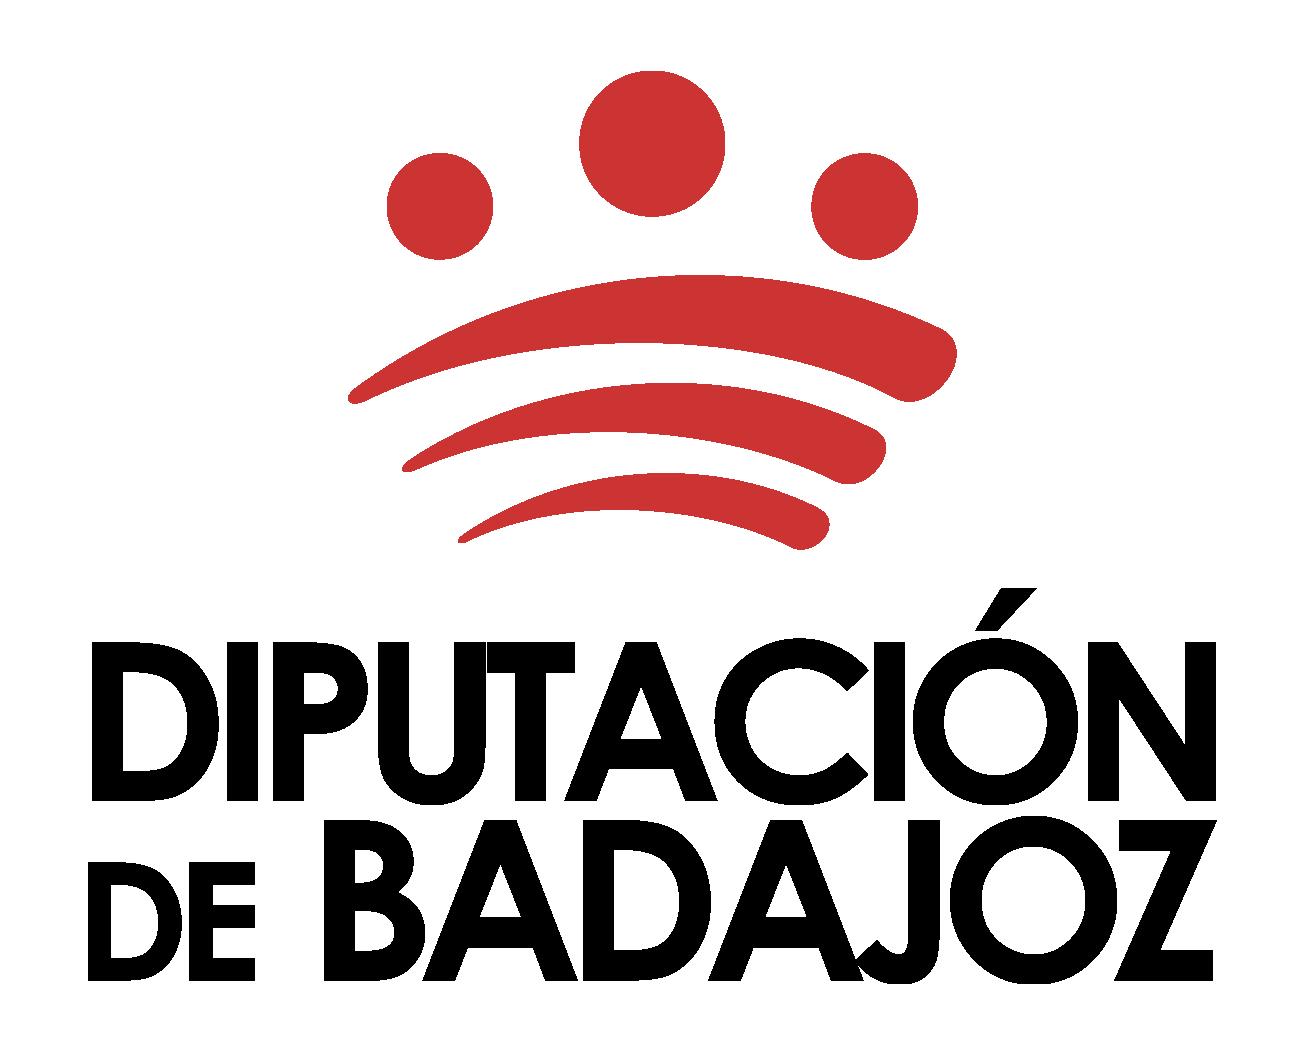 Resultado de imagen de diputacion de badajoz logo